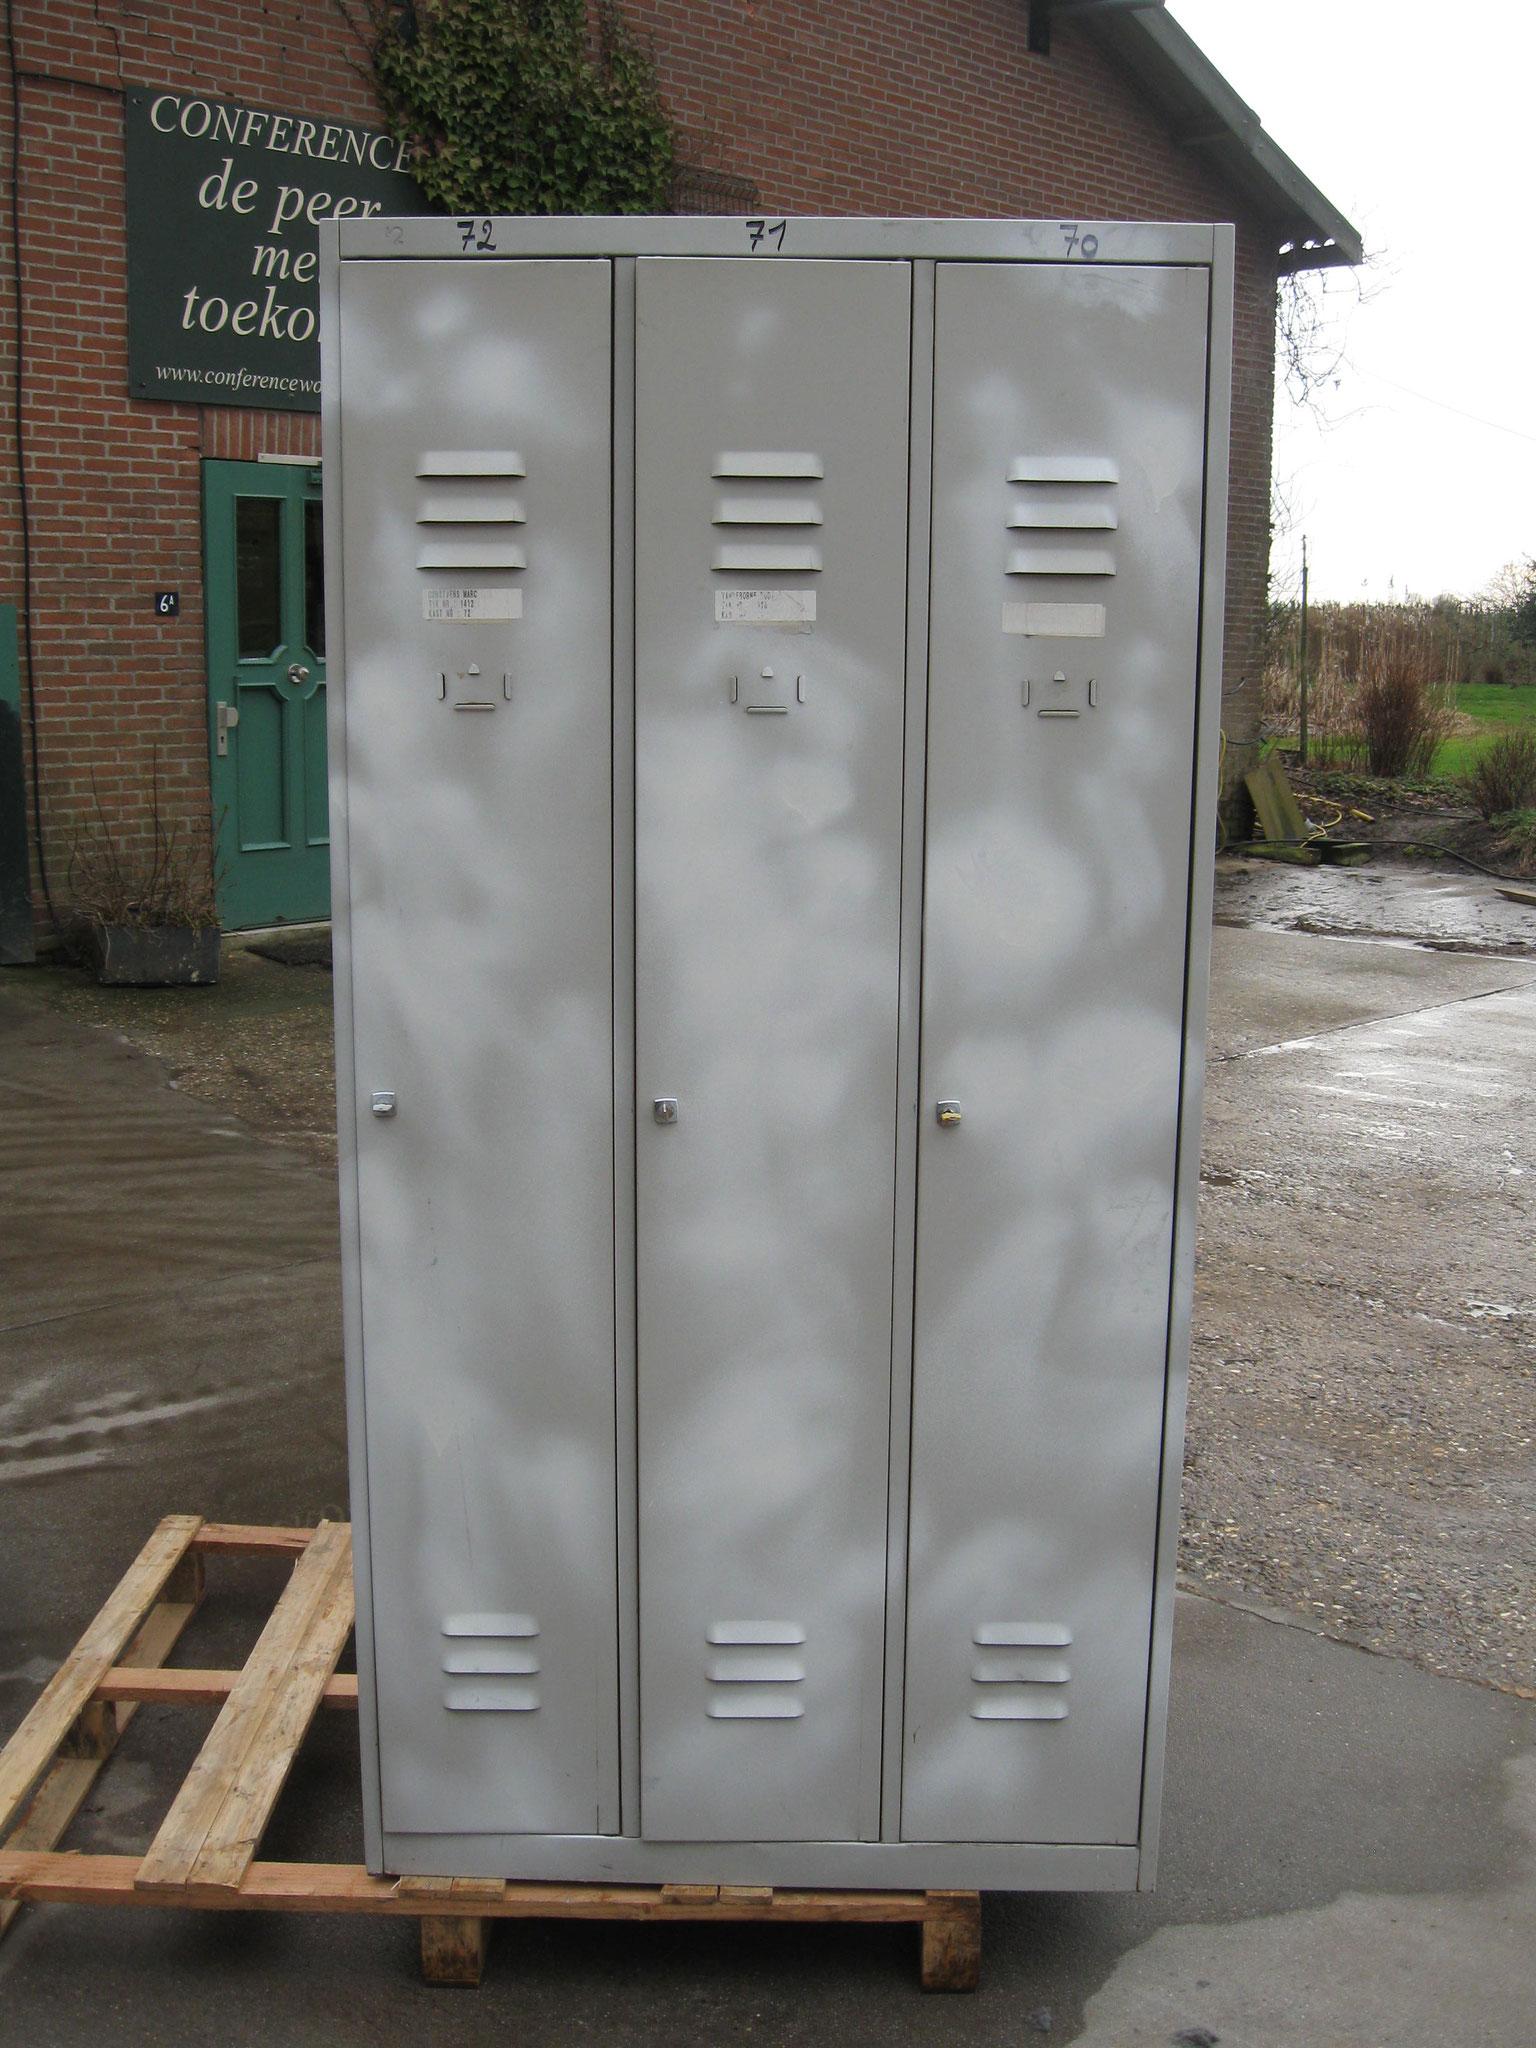 3. Lockerkast 3-deur - van € 175,- voor € 100,-